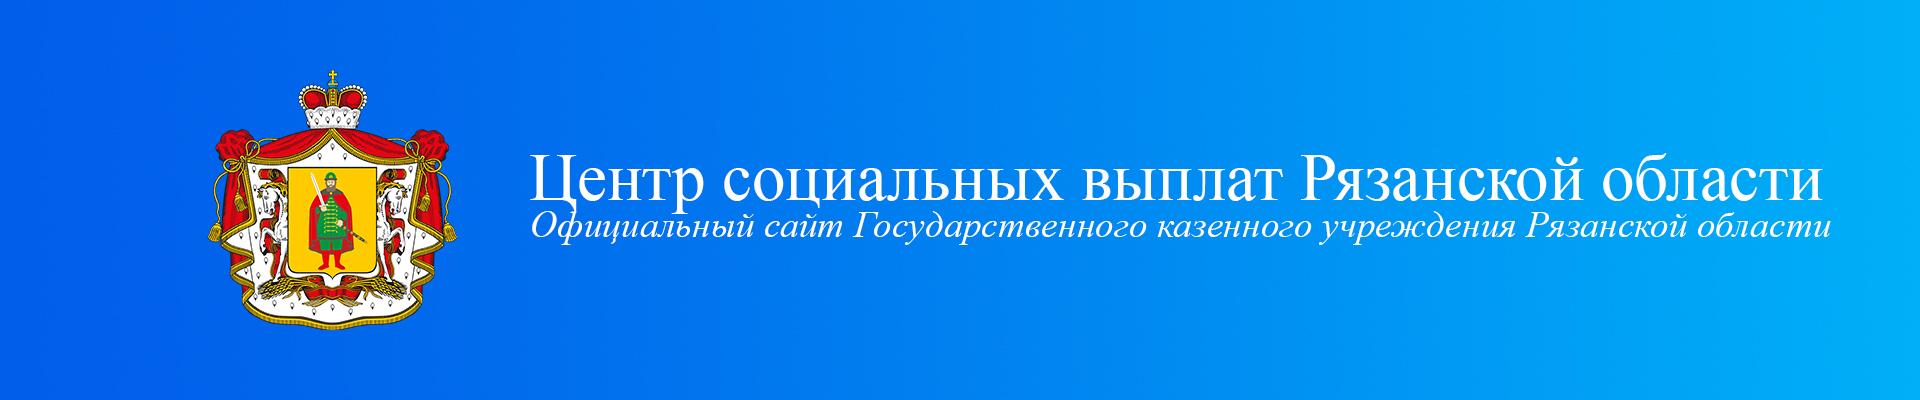 Центр социальных выплат Рязанской области